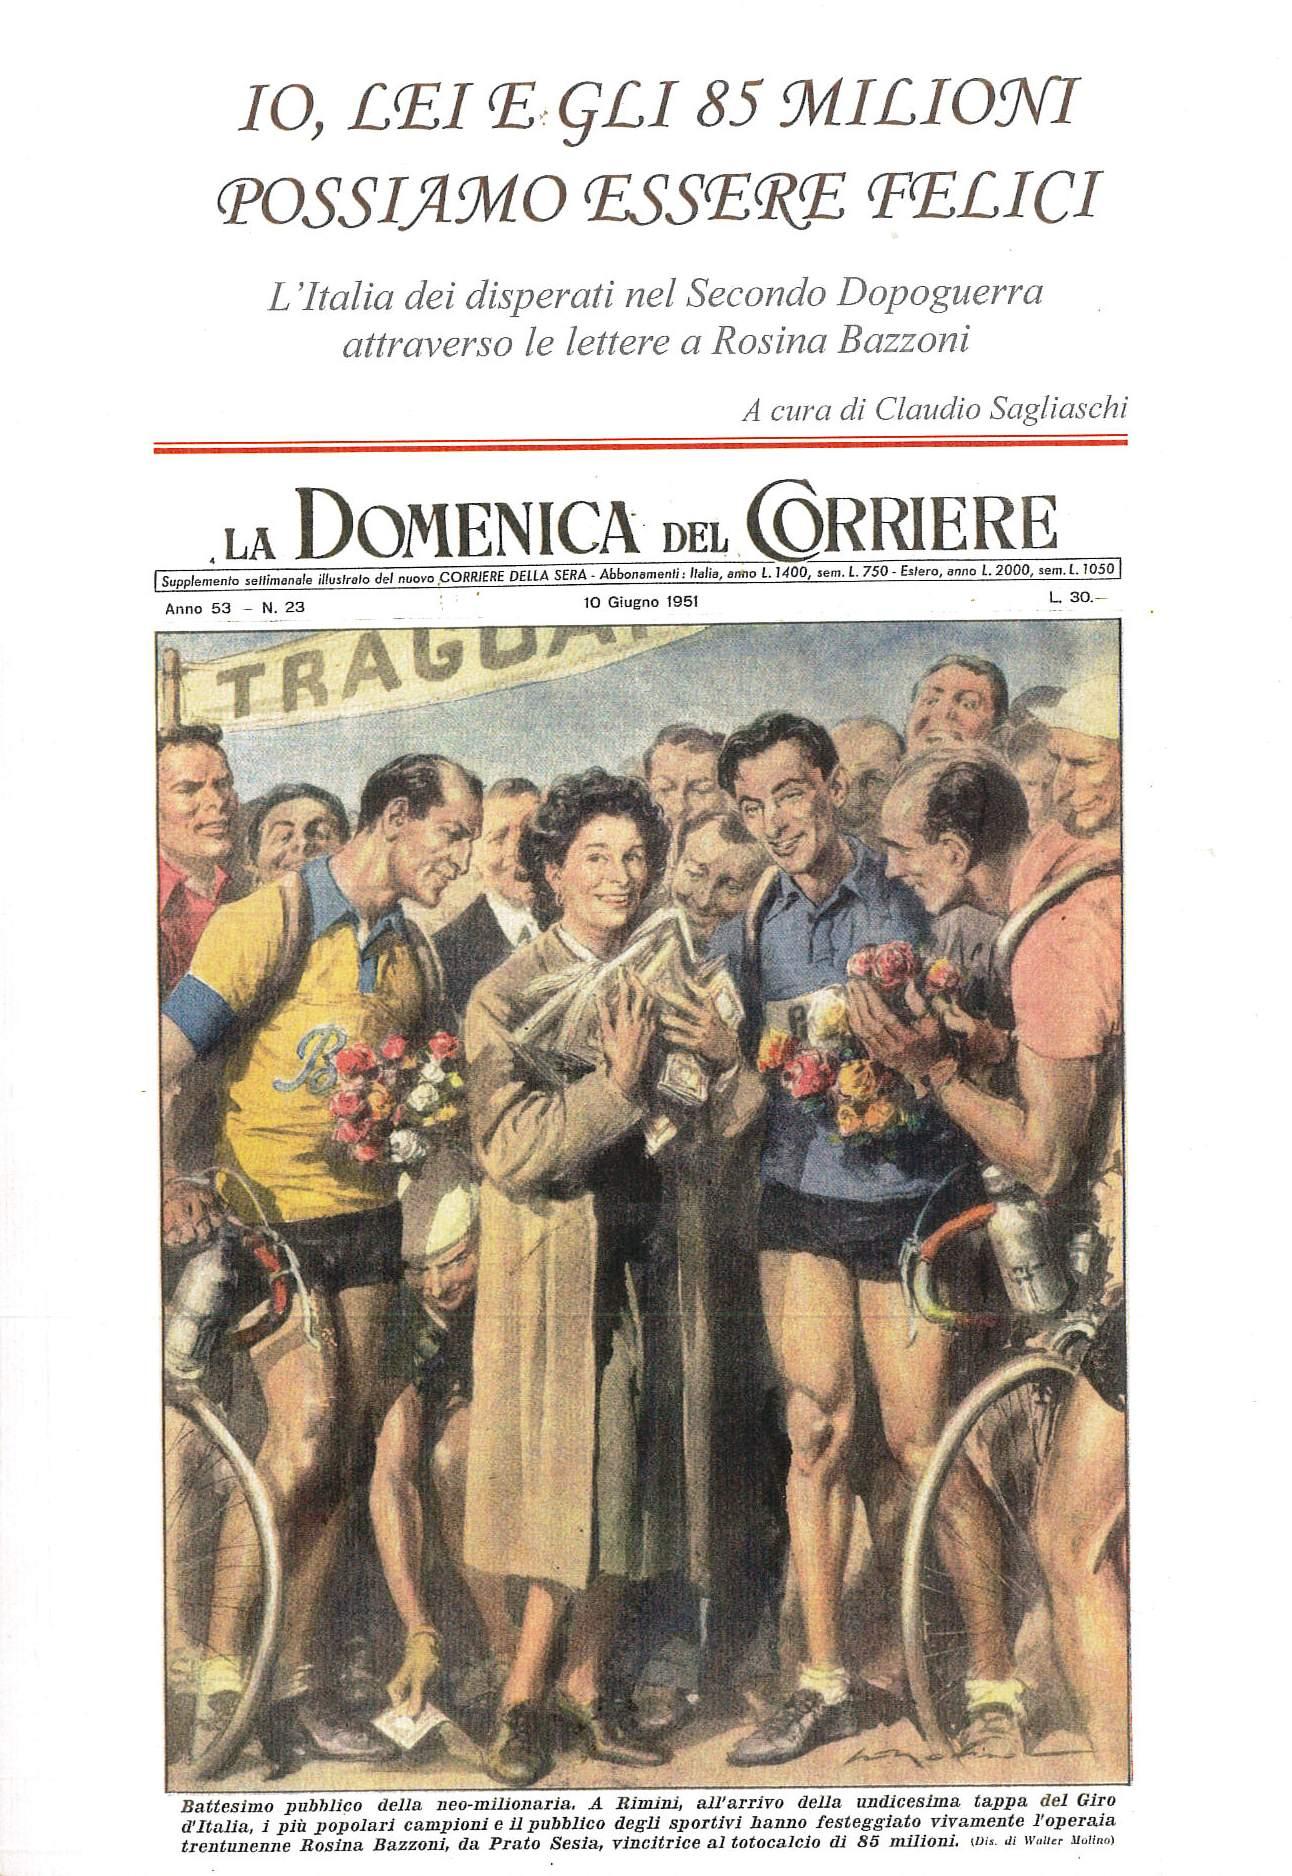 L'Italia dei Disperati nel Secondo Dopoguerra attraverso le lettere a Rosina Bazzoni